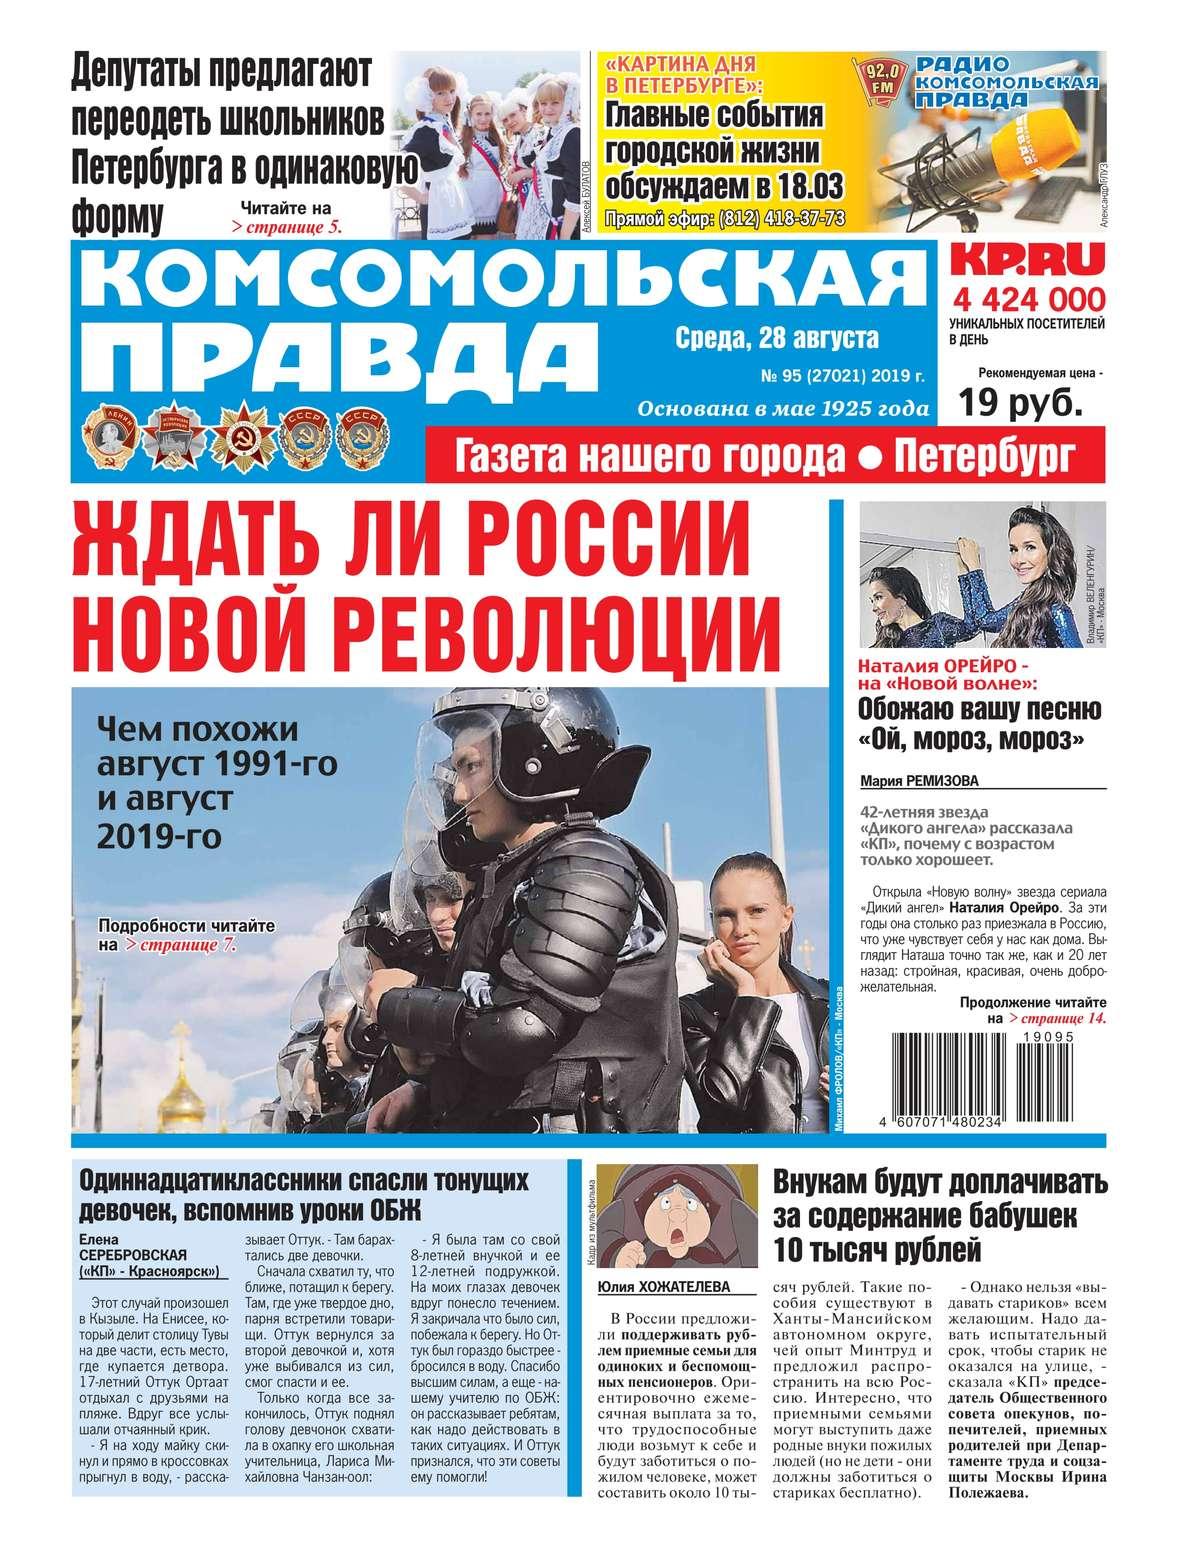 Комсомольская Правда. Санкт-Петербург 95-2019